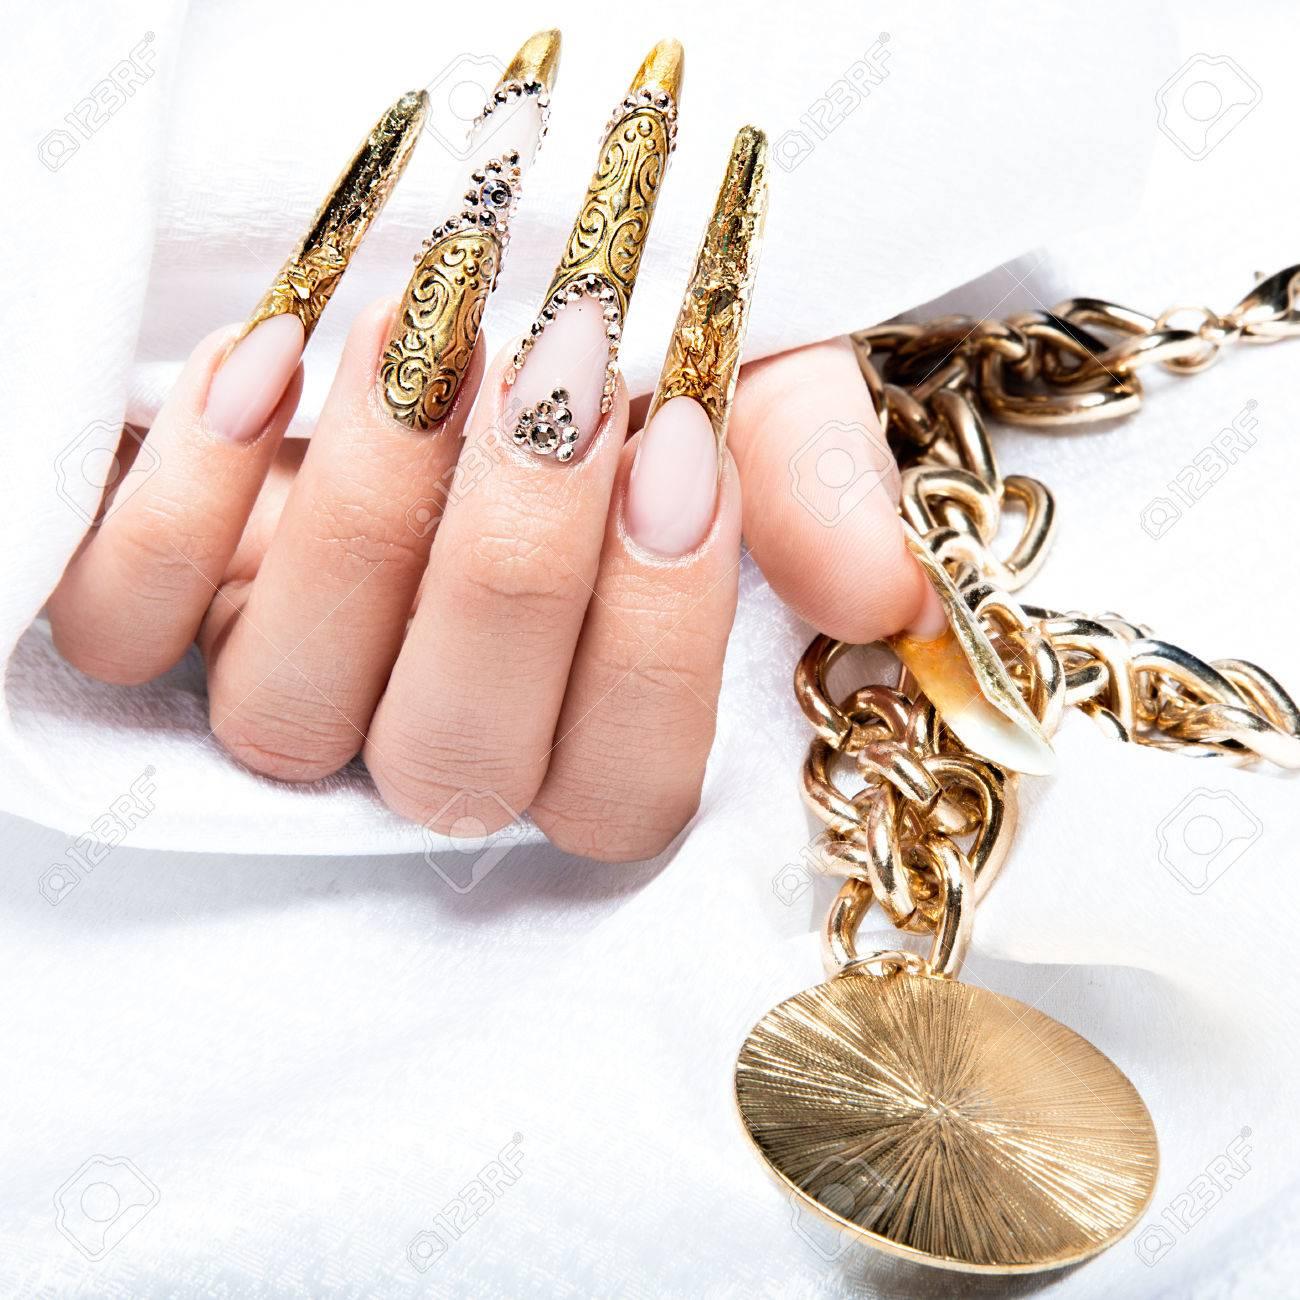 Schöne Lange Nägel In Eine Gold Design Mit Strasssteinen. Nagelkunst ...